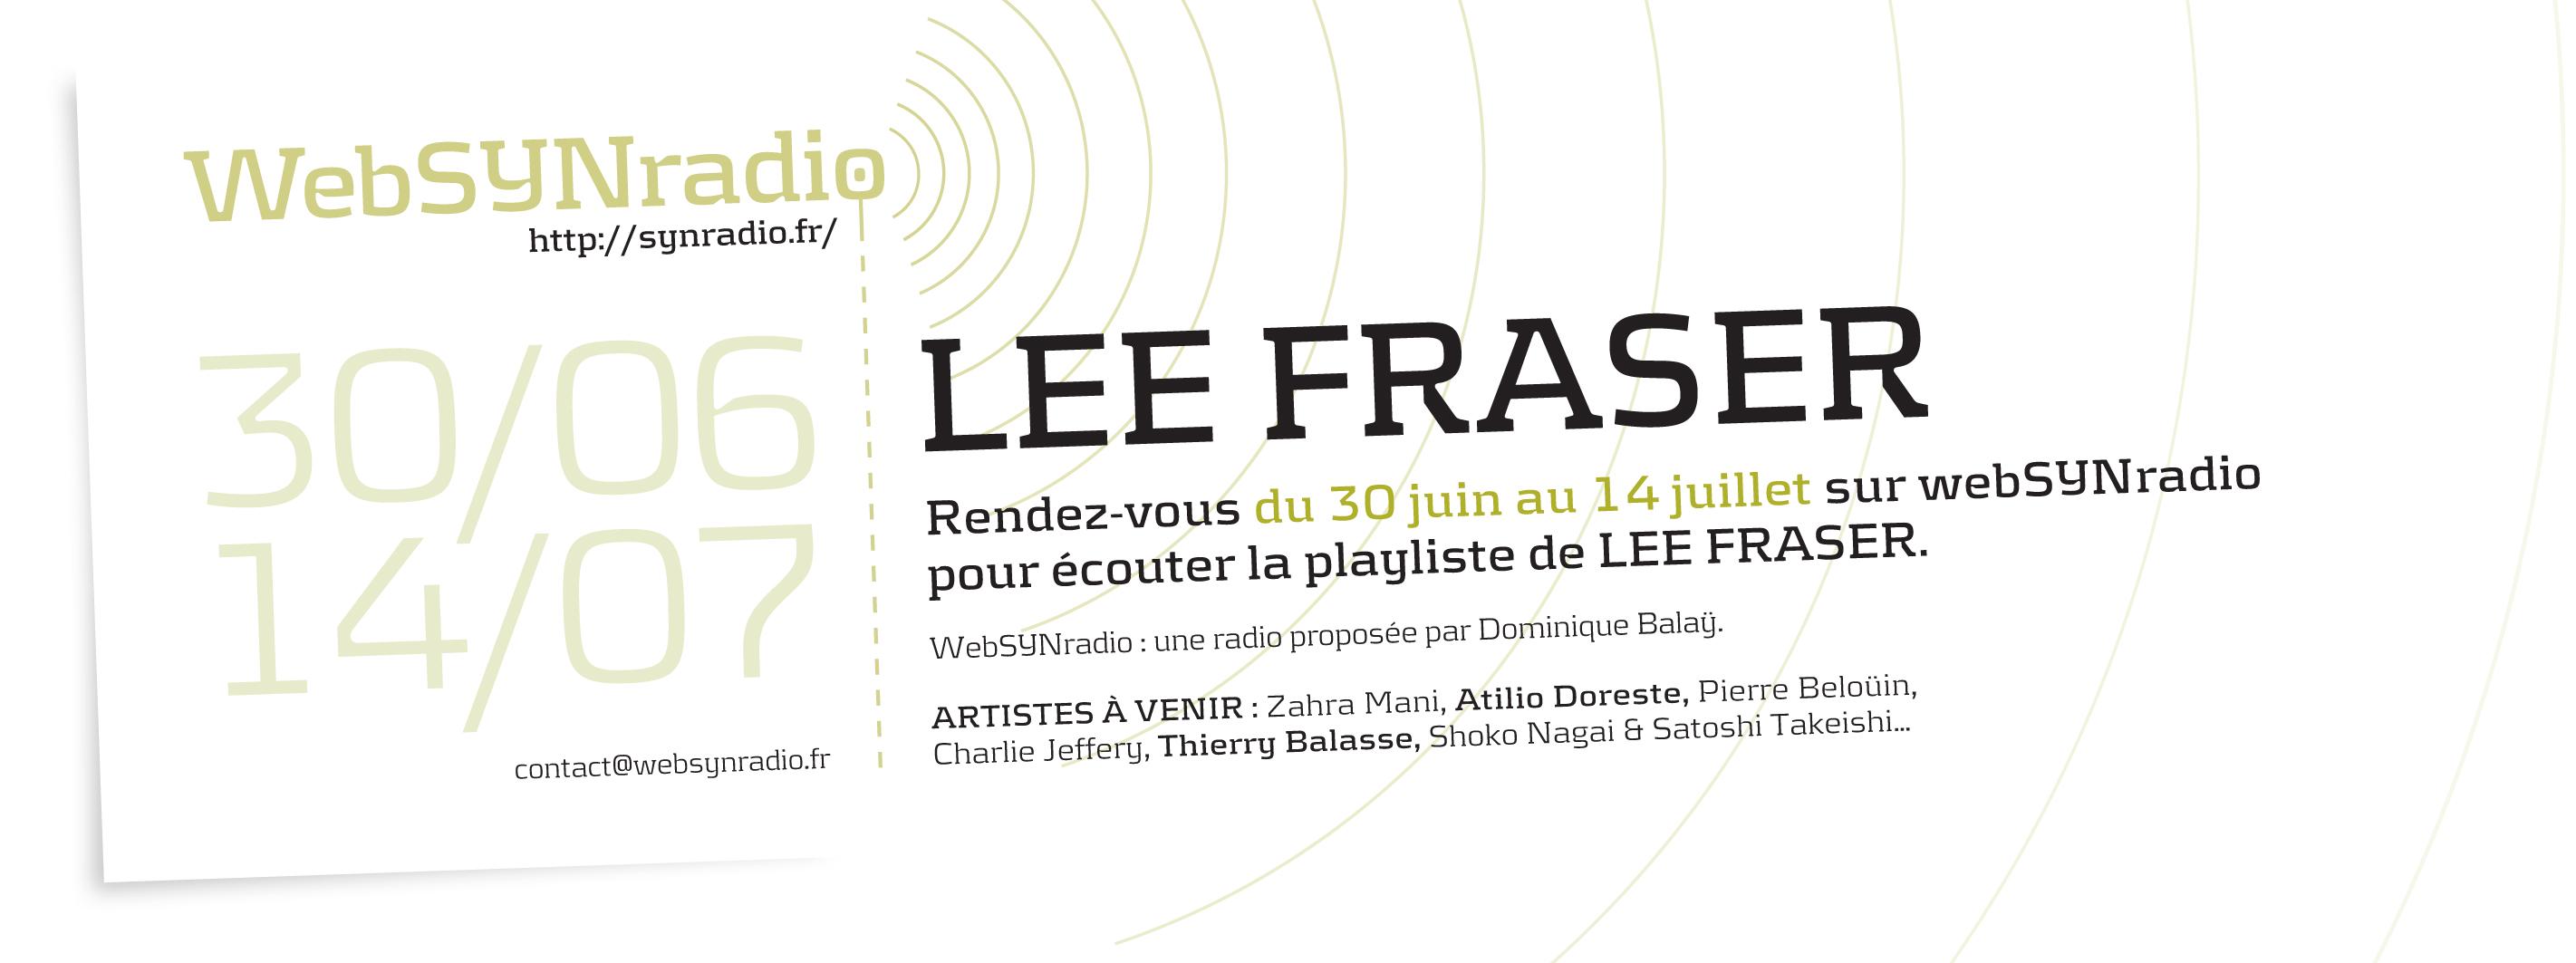 Lee Fraser websynradio